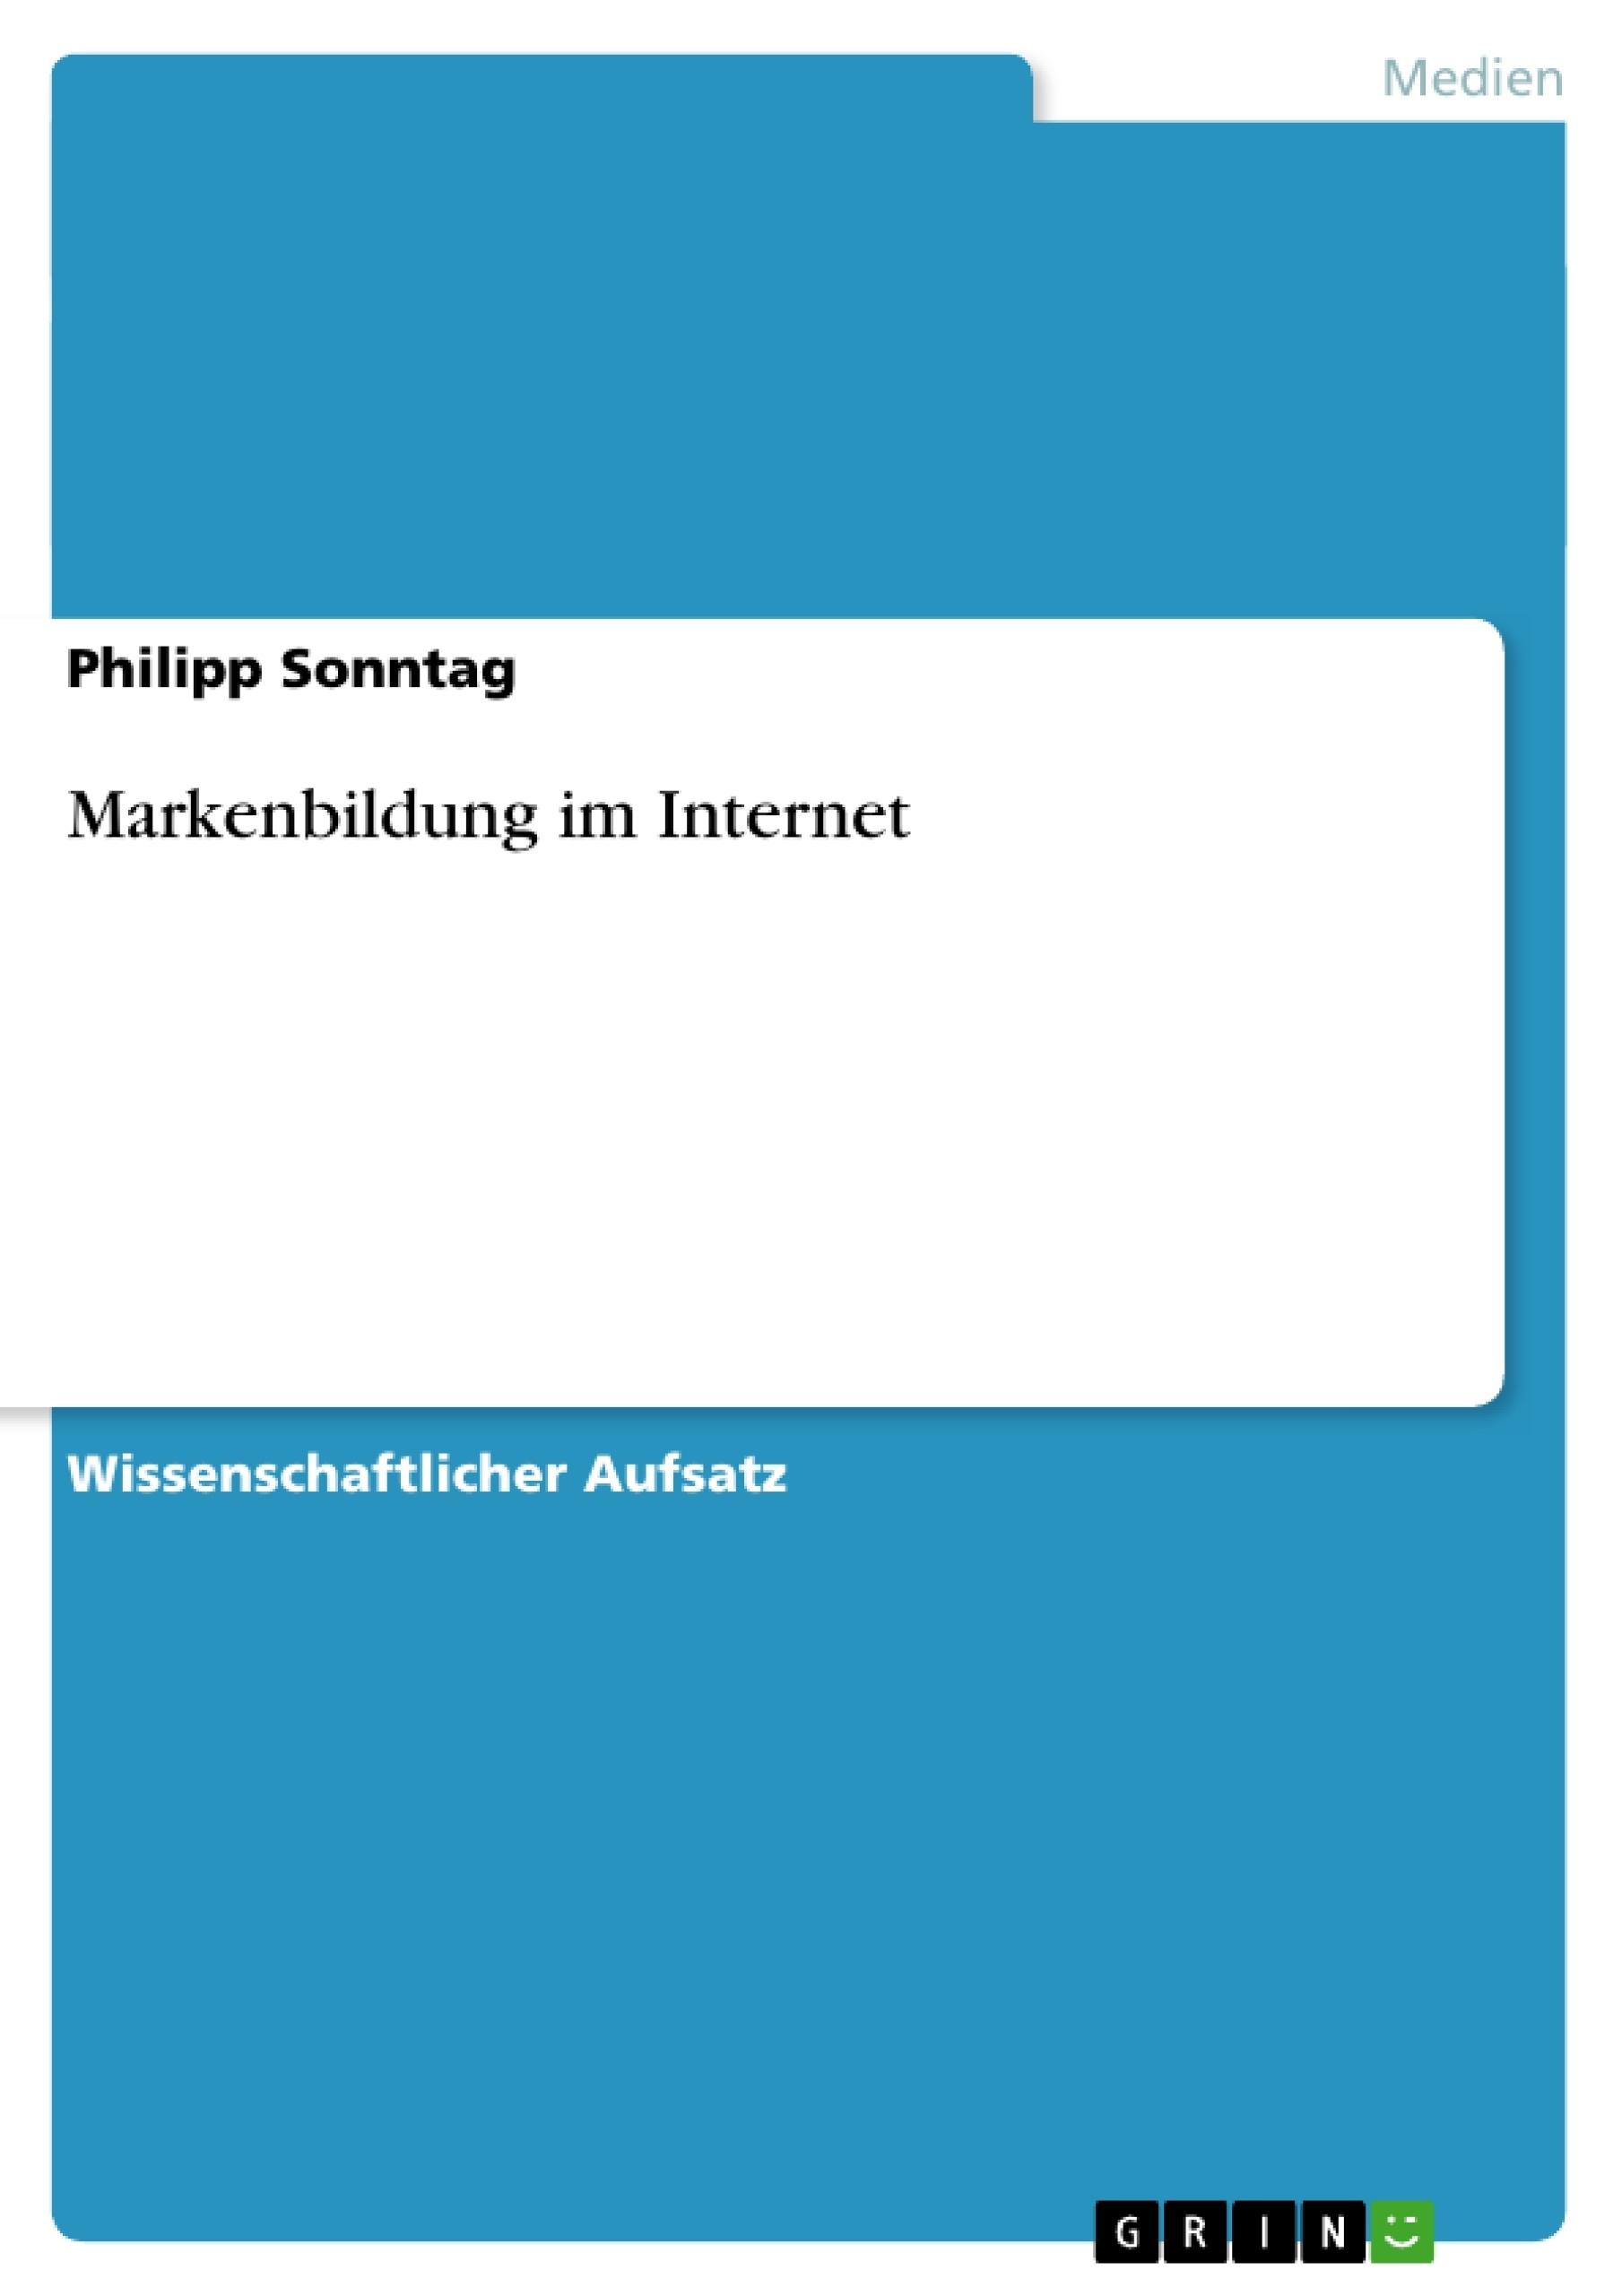 Titel: Markenbildung im Internet